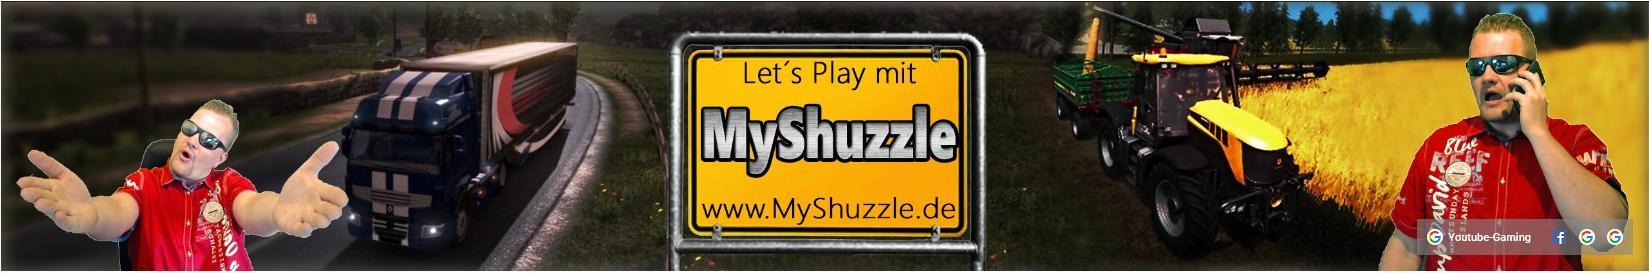 MyShuzzle